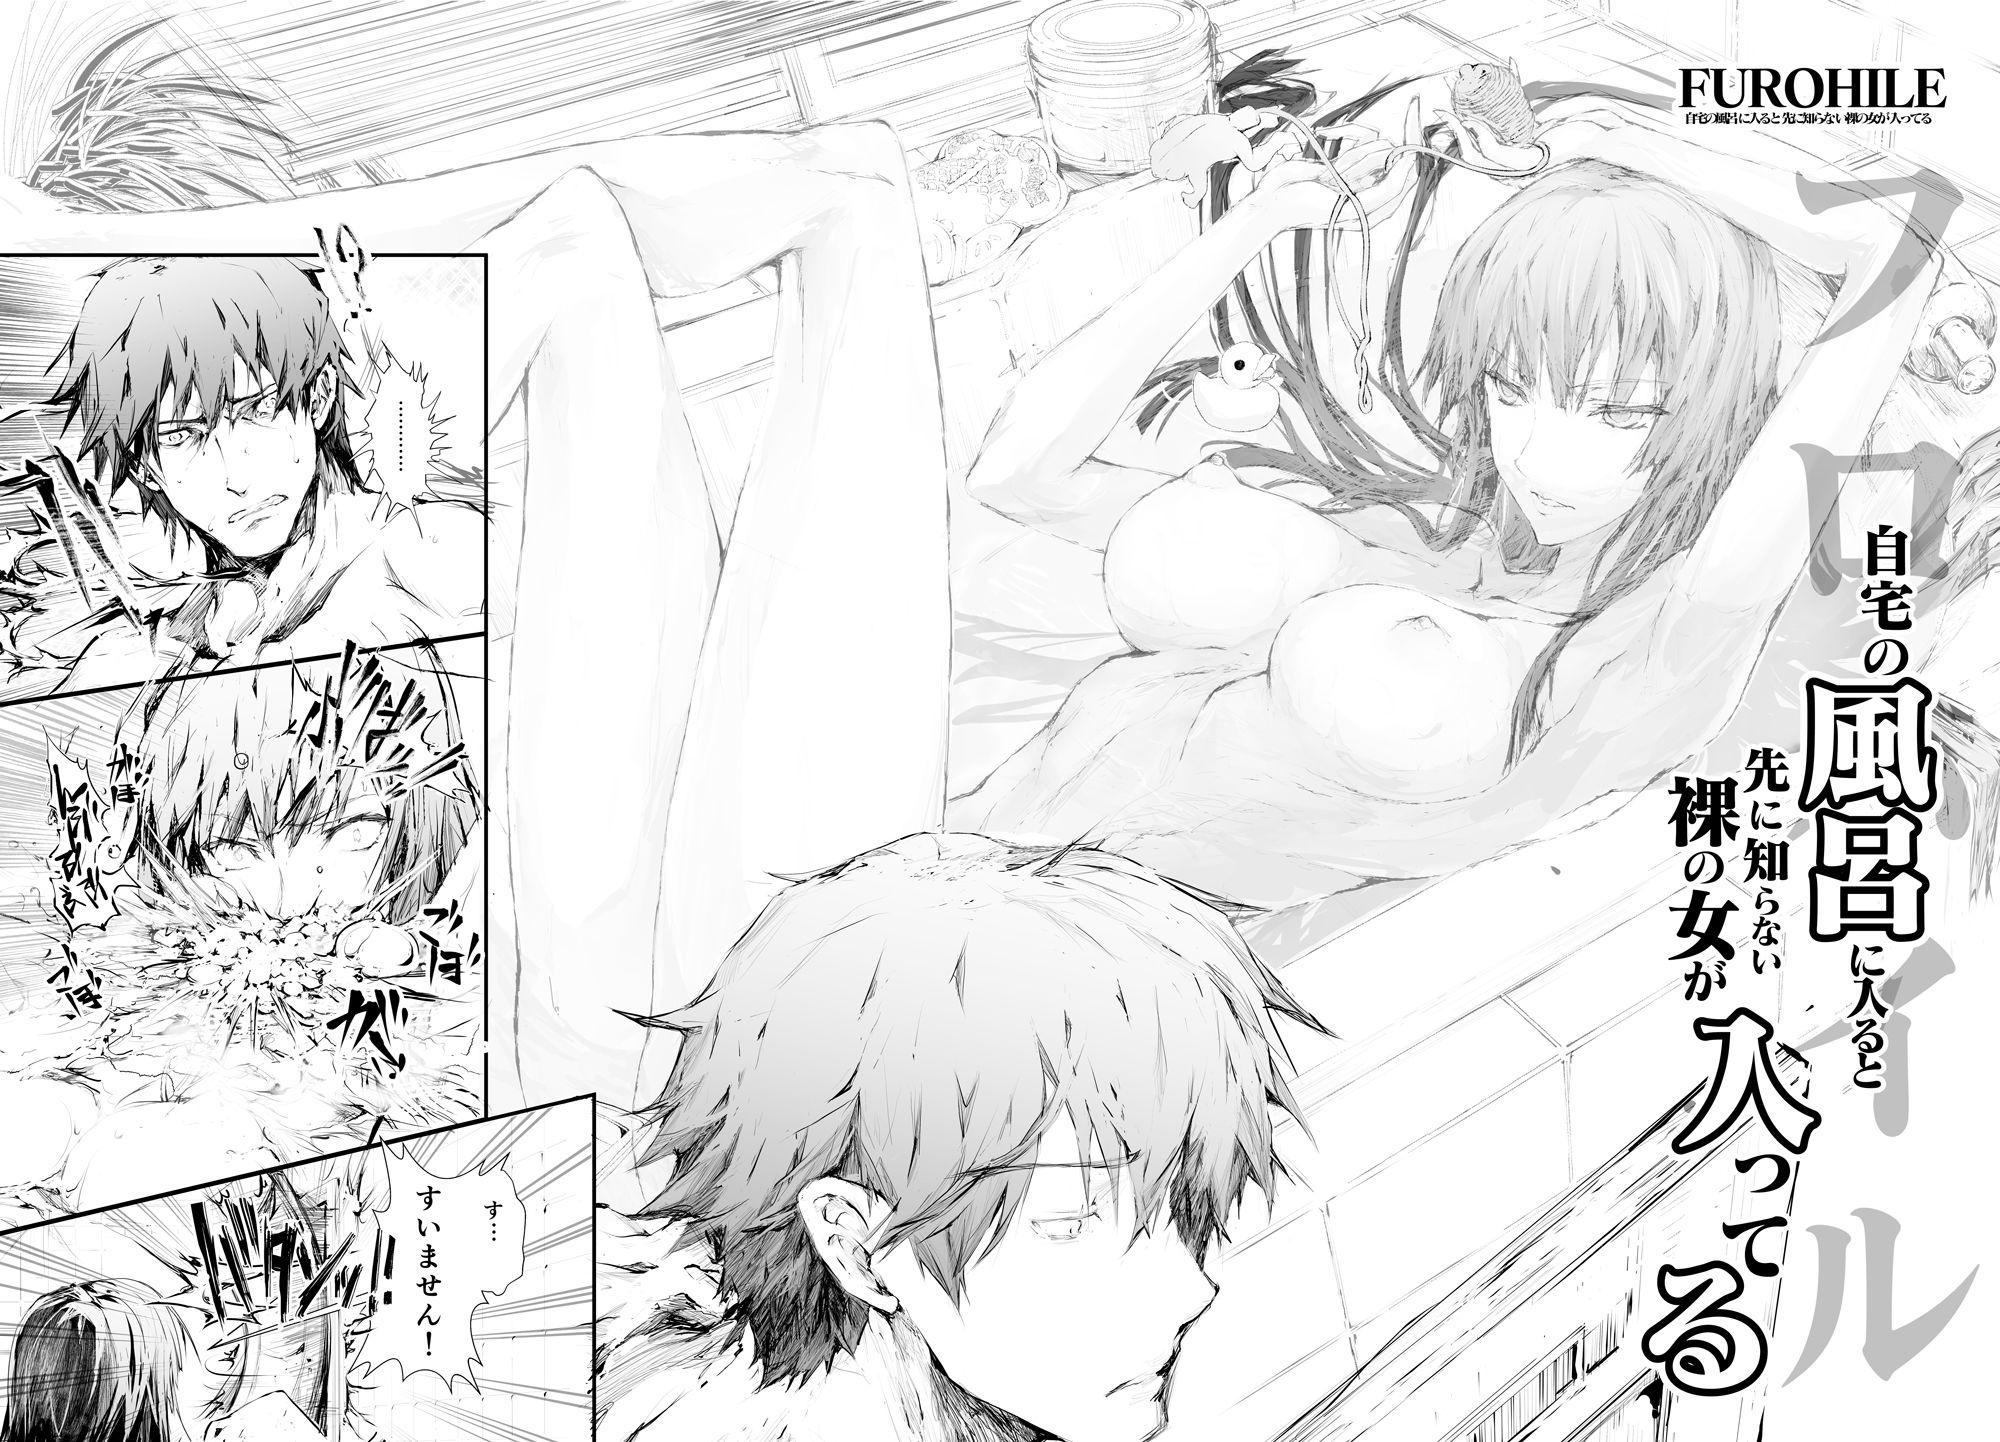 【二次元】FUROHILE 自宅の風呂に入ると先に知らない裸の女が入ってる 同人エロコミ・無料サンプル画像(スマホ対応)